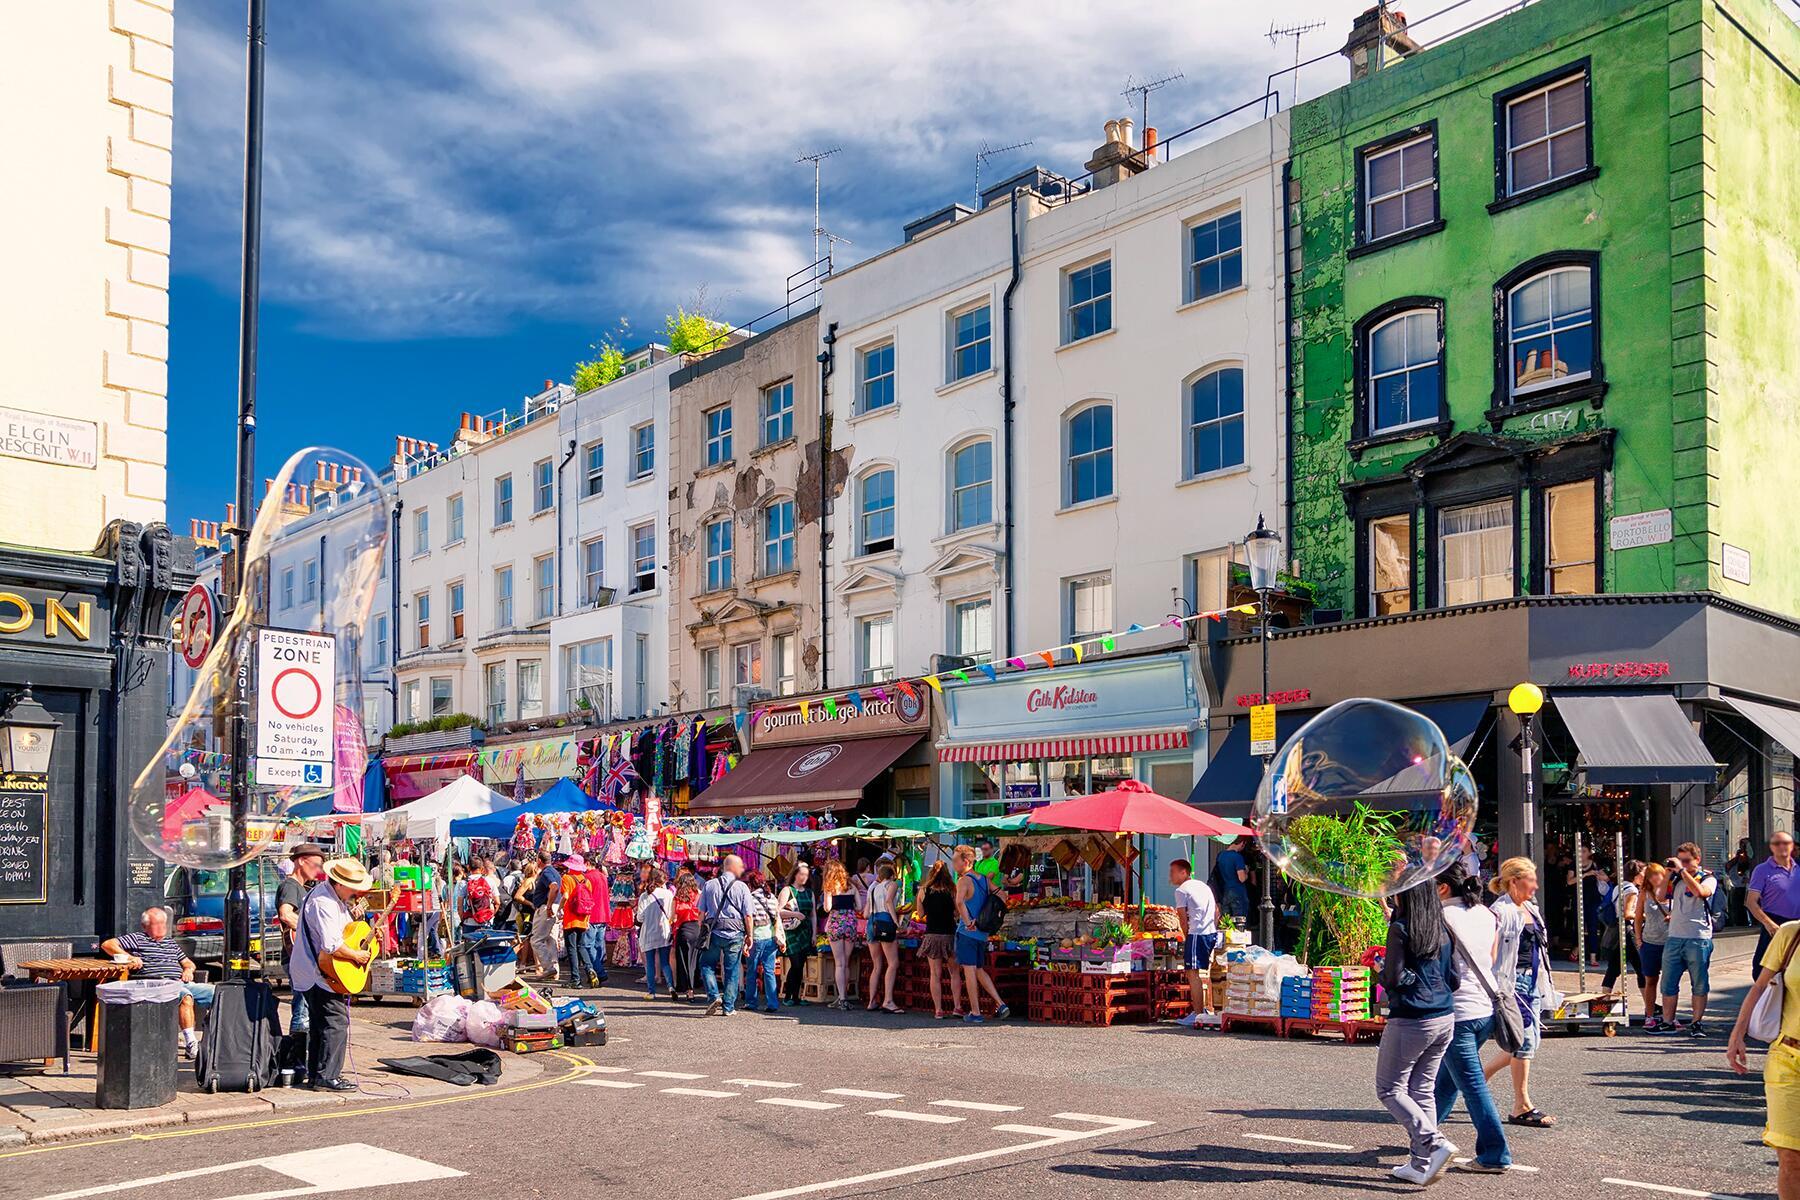 Explore Portobello Road in Notting Hill, London